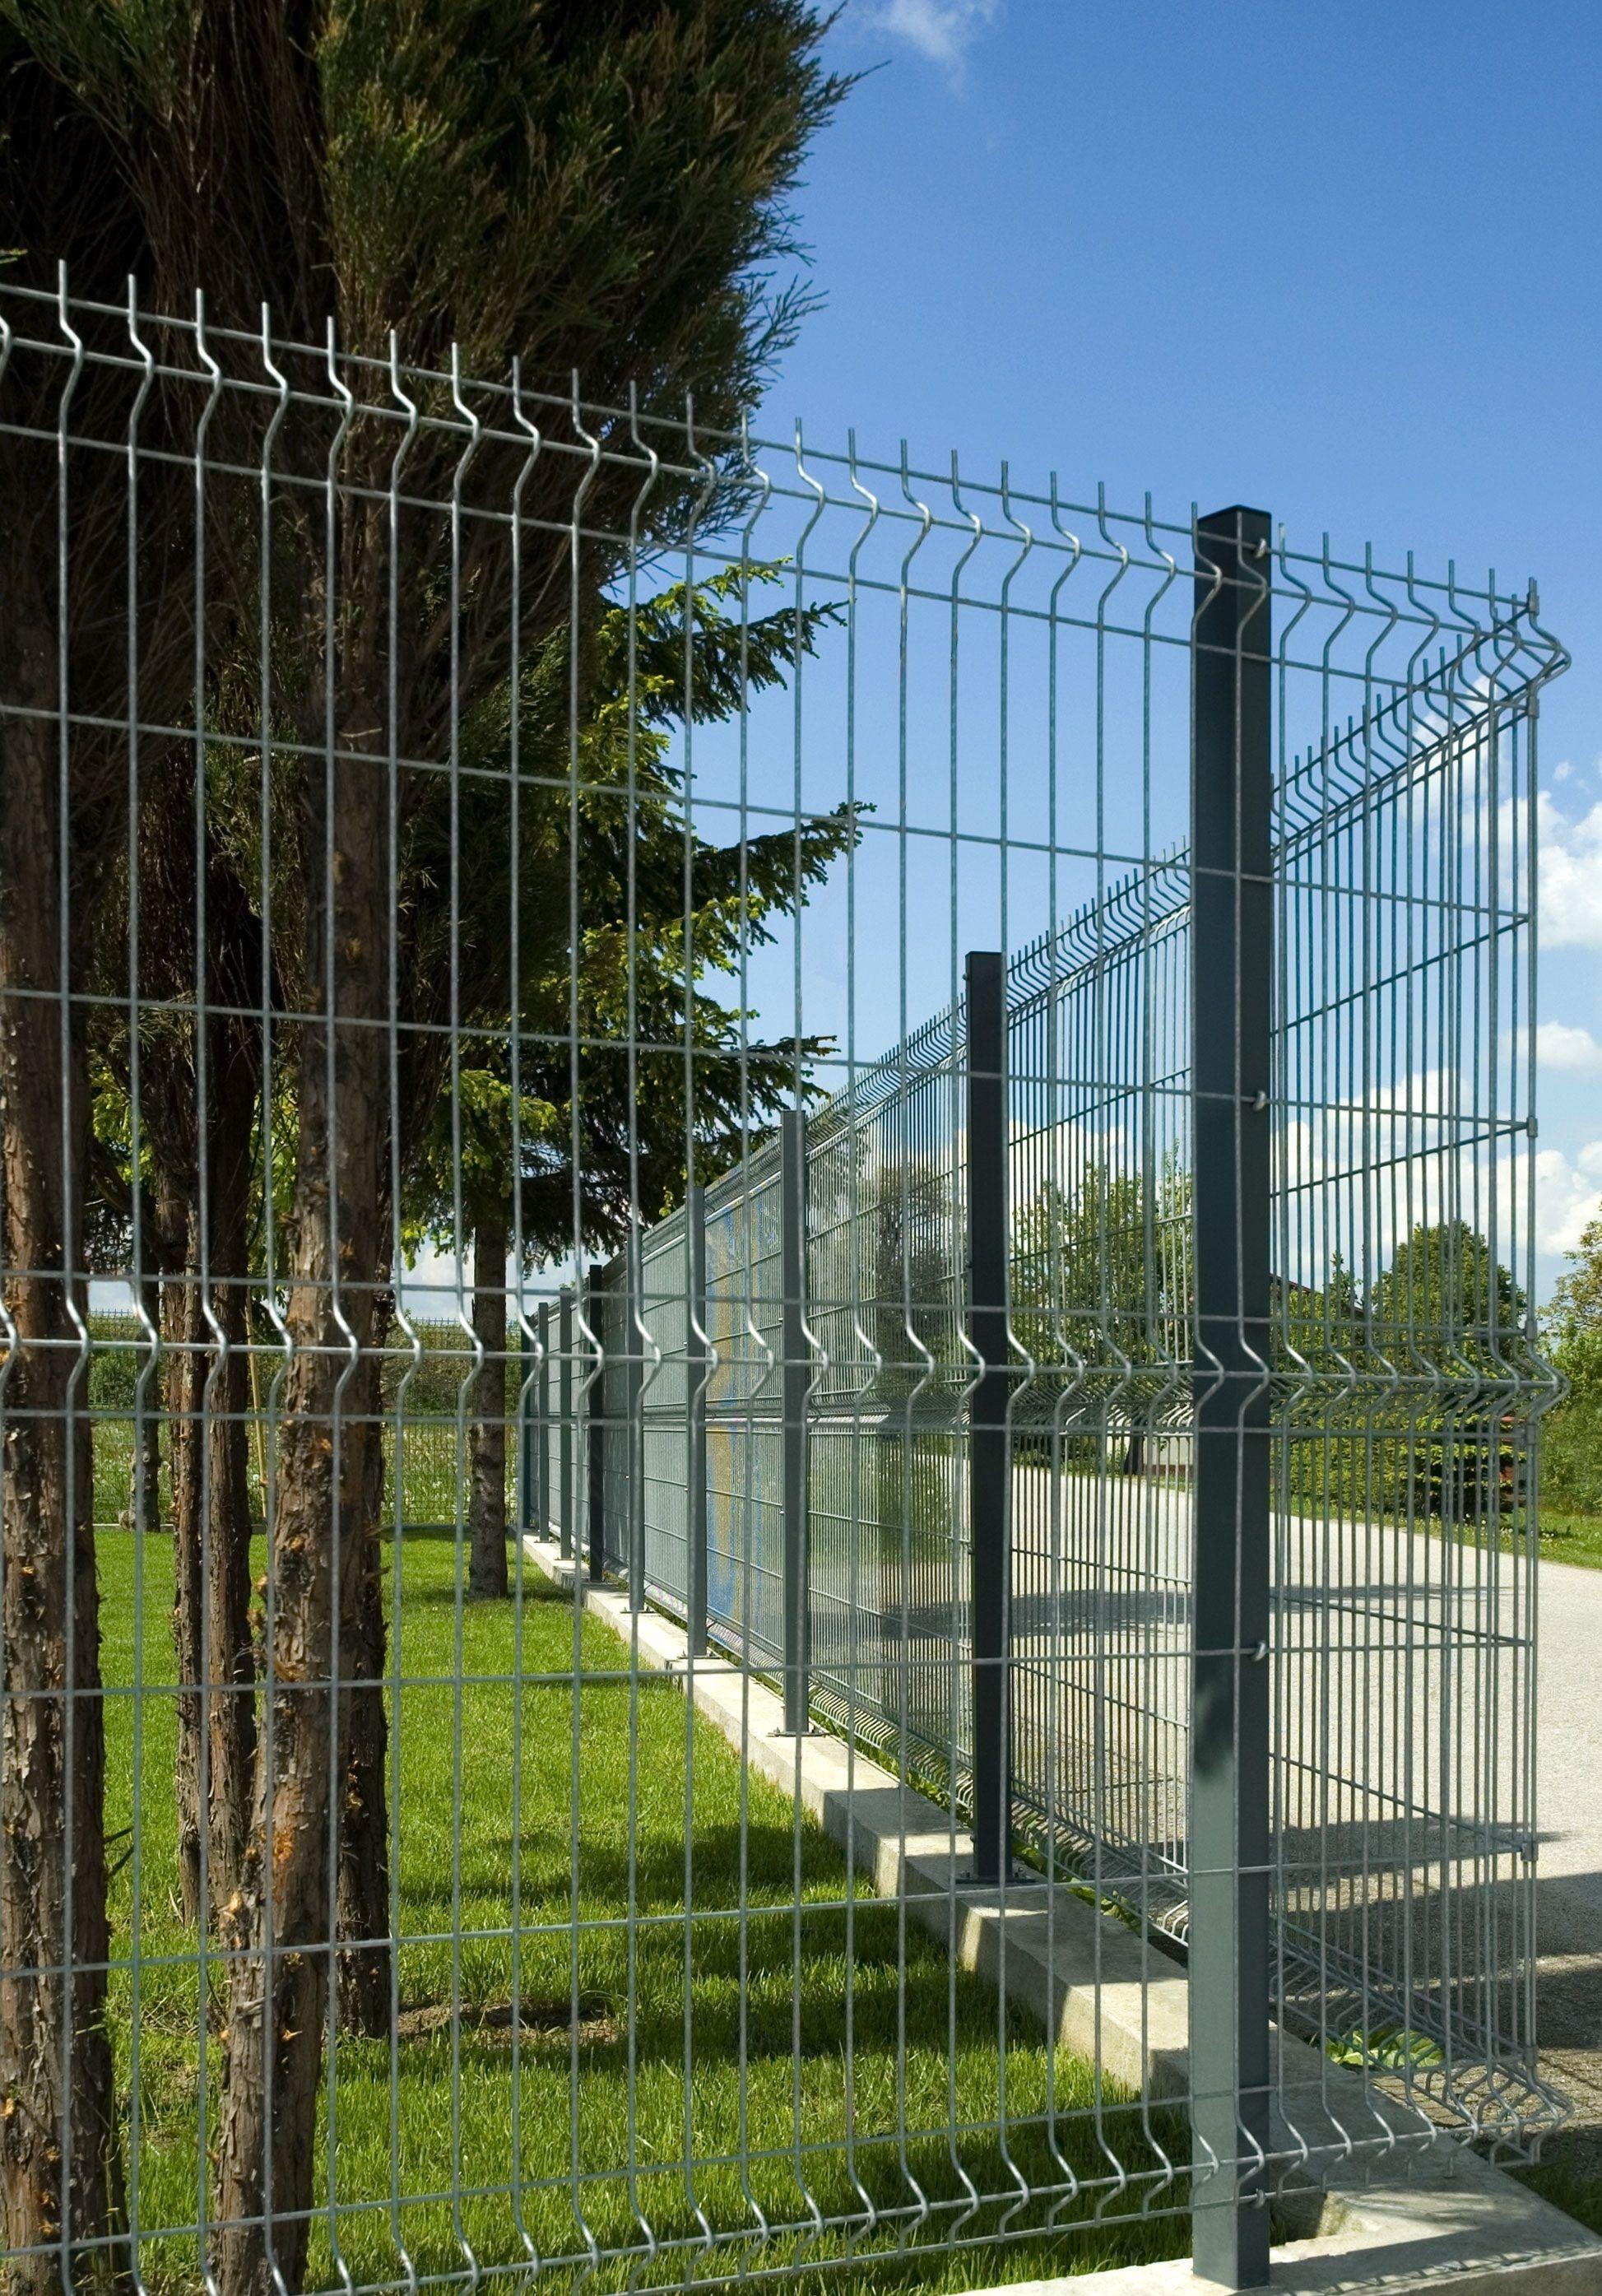 Stabmattenzaun Verzinkt Mit Ubersteigschutz Wir Planen Und